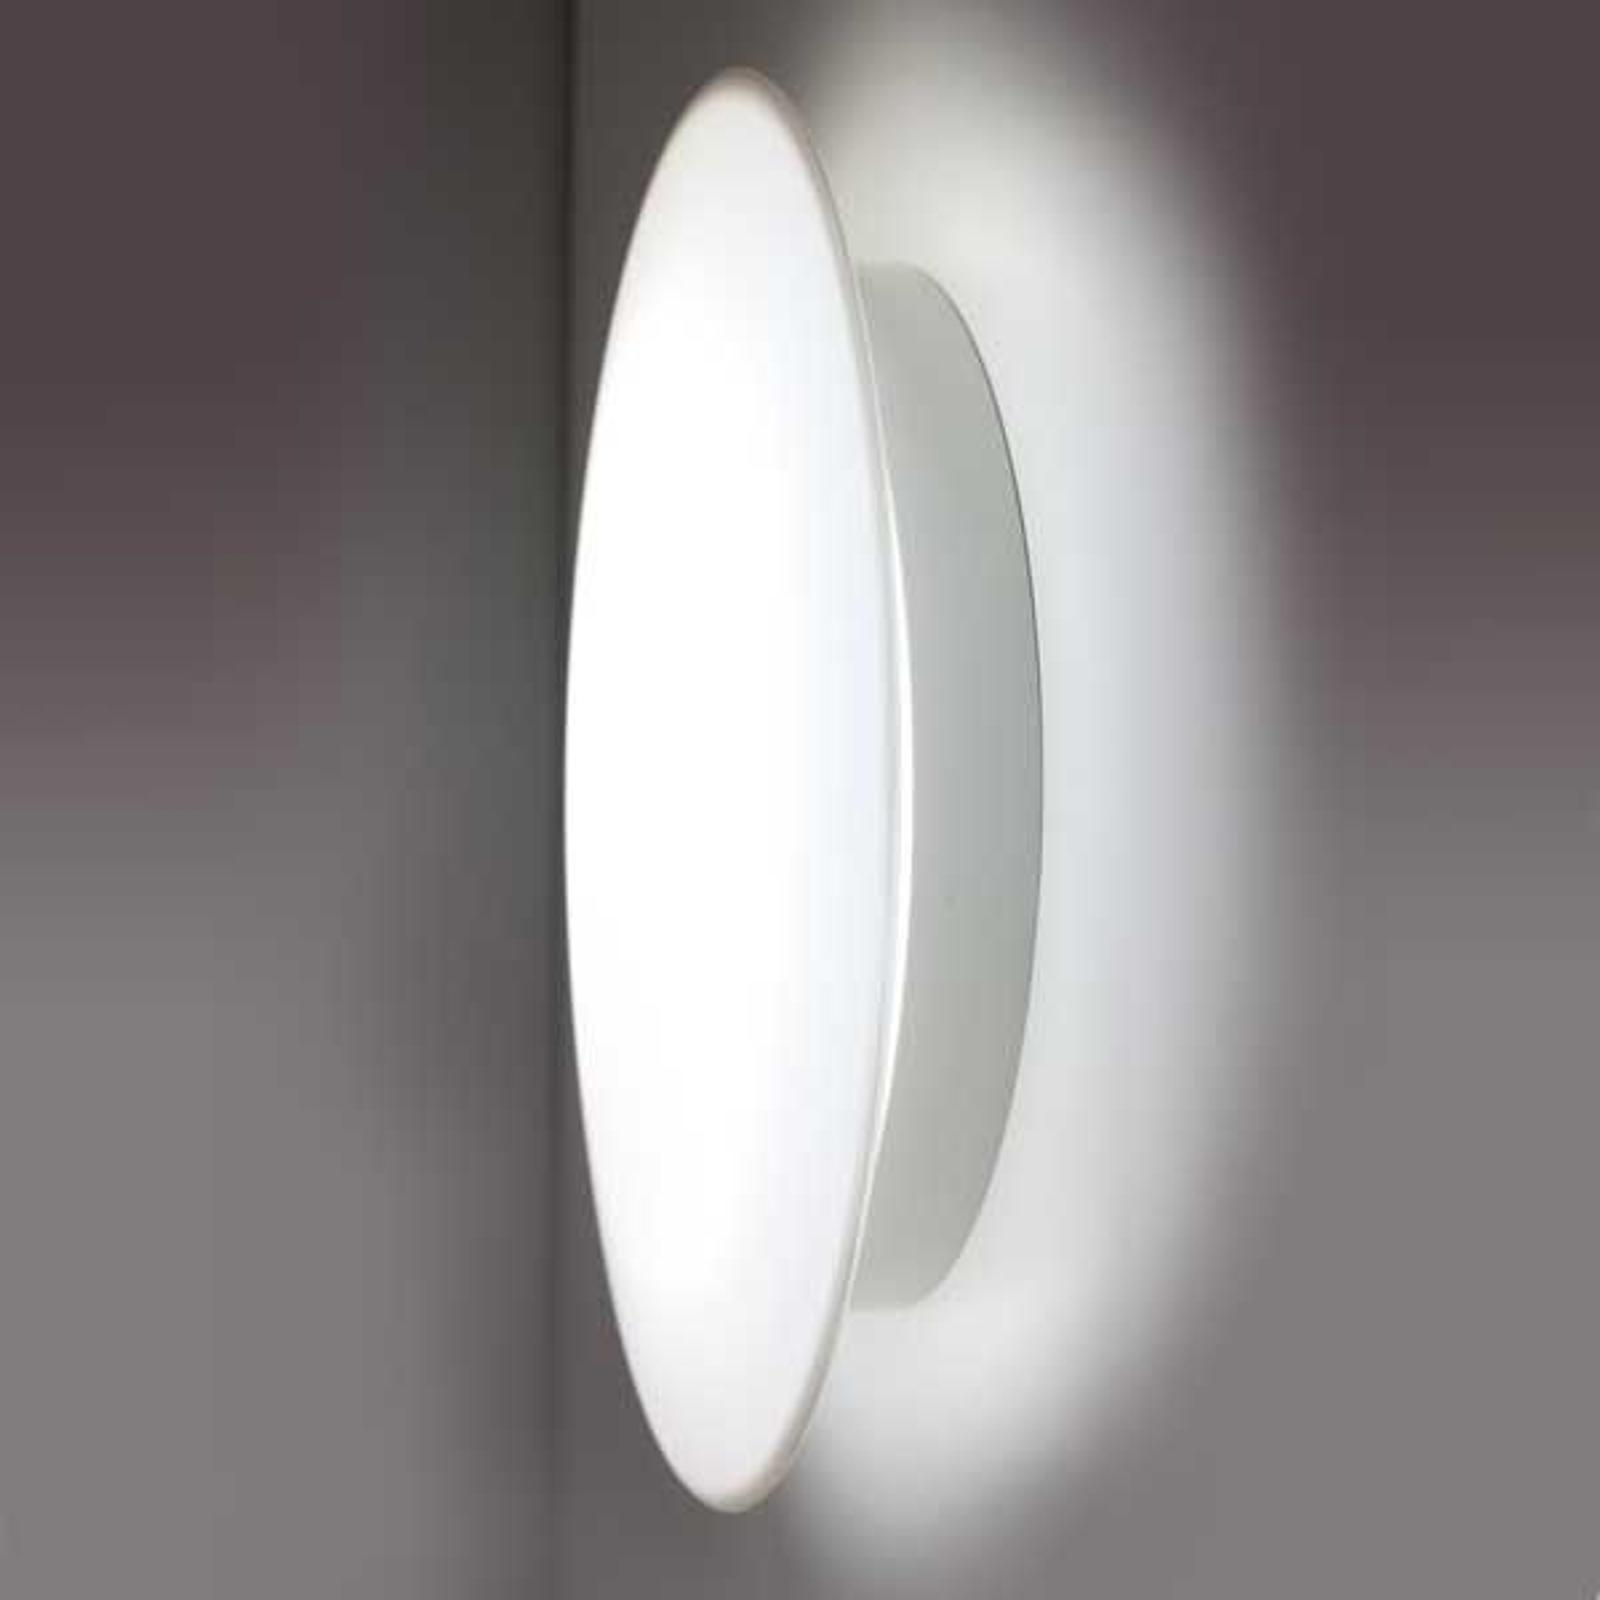 Biała lampa przyszłości SUN 3 LED 13W 4K